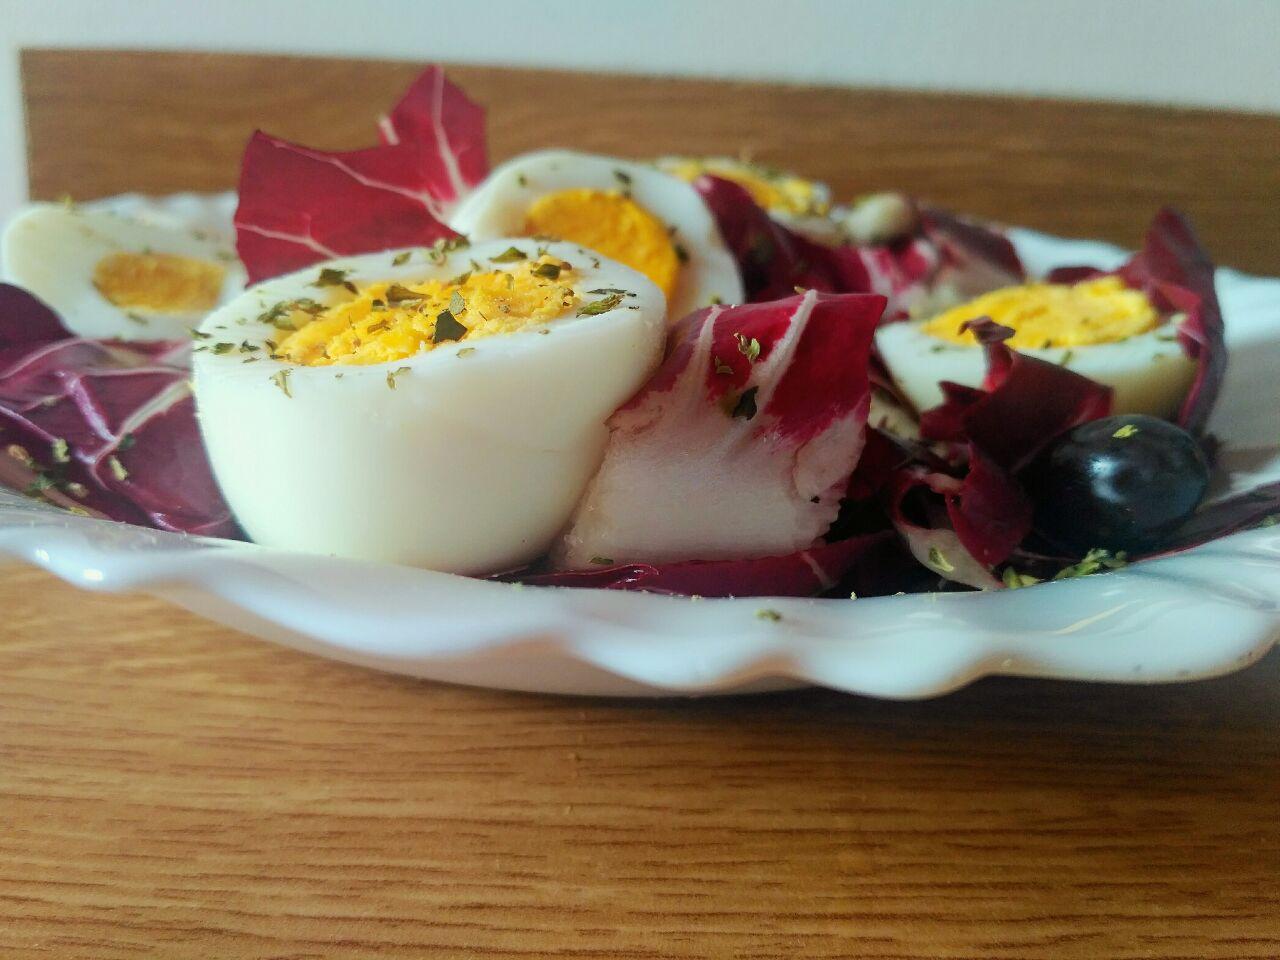 Insalata autunnale: nutriente e leggera, a base di uova e radicchio!